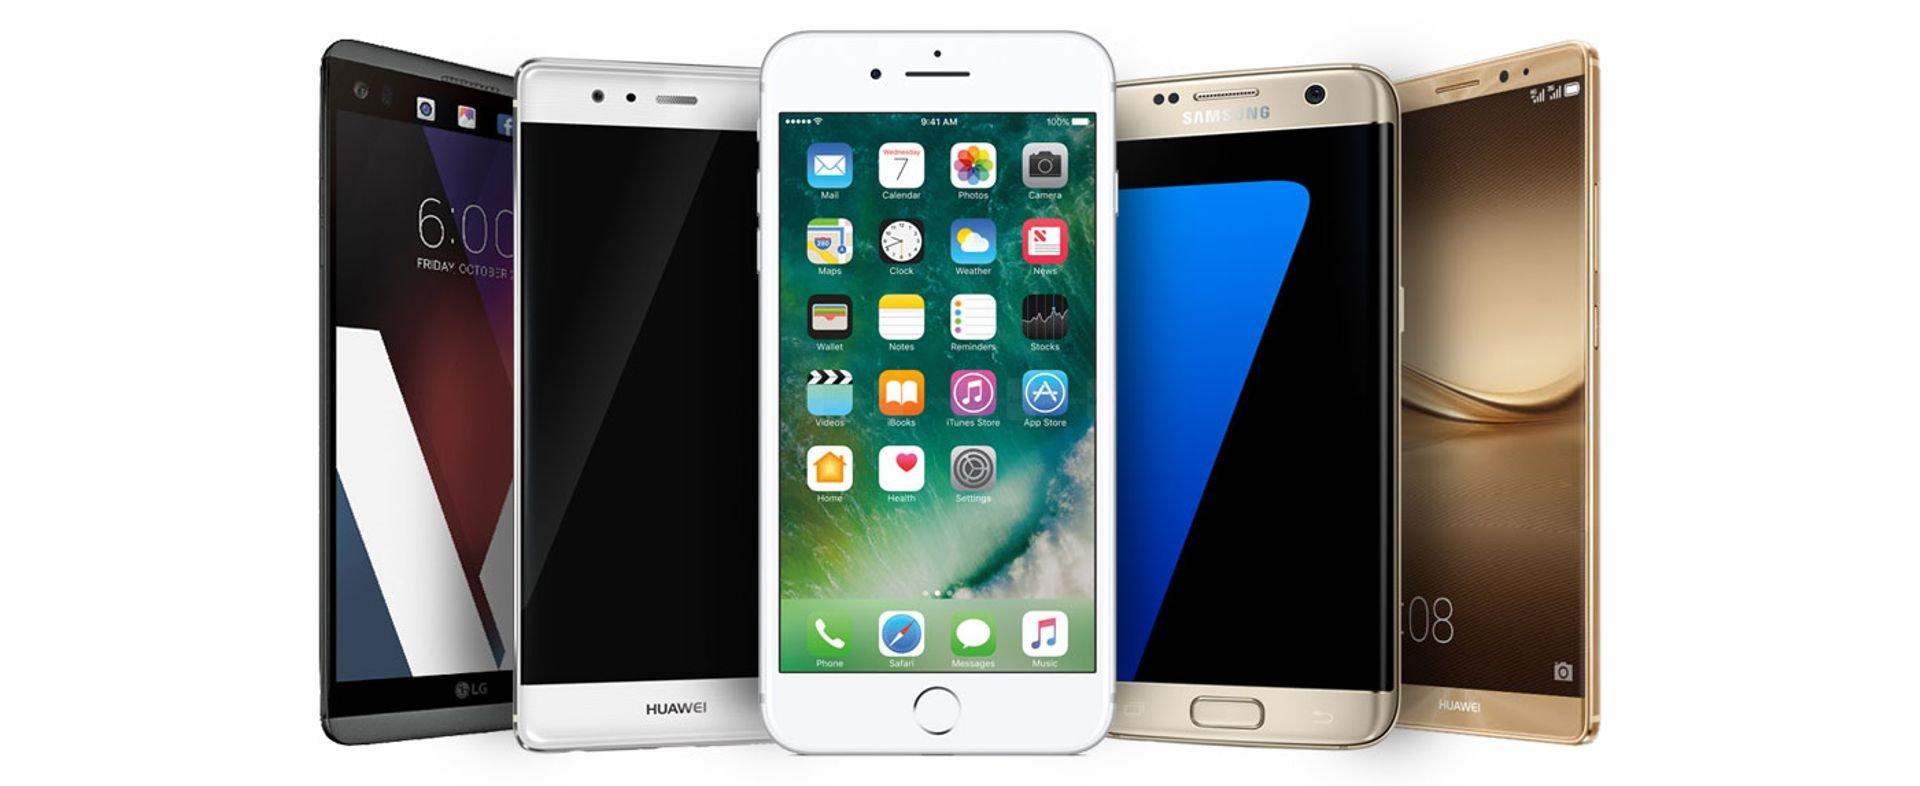 Best smartphones for 2016.